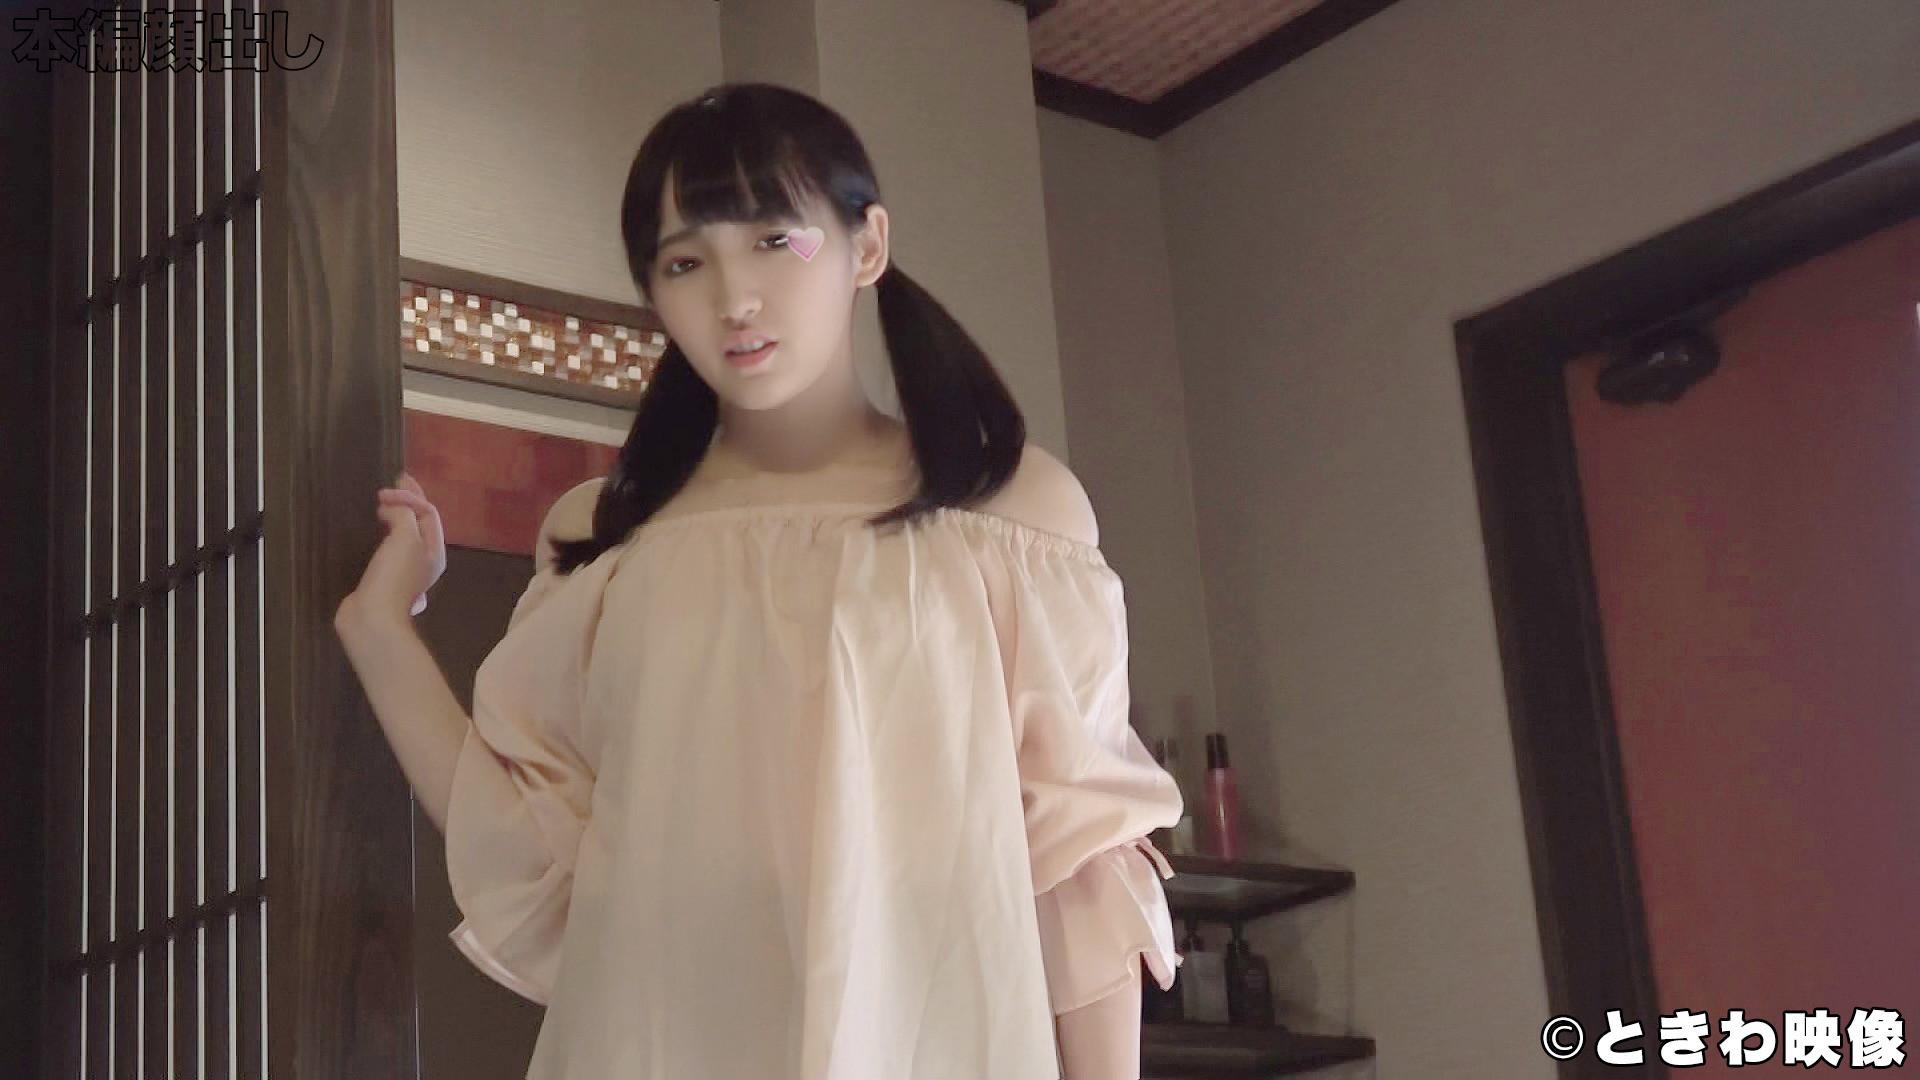 「先生」と呼ばせています 渡〇麻〇似のJ〇と極秘温泉旅行でのSEX記録動画